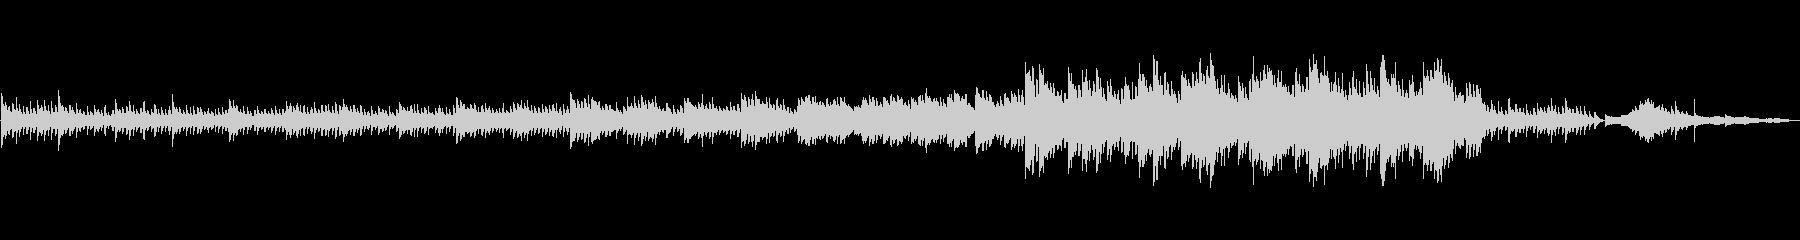 ピアノソロ/風の抜ける街/宮地嶽神社の未再生の波形